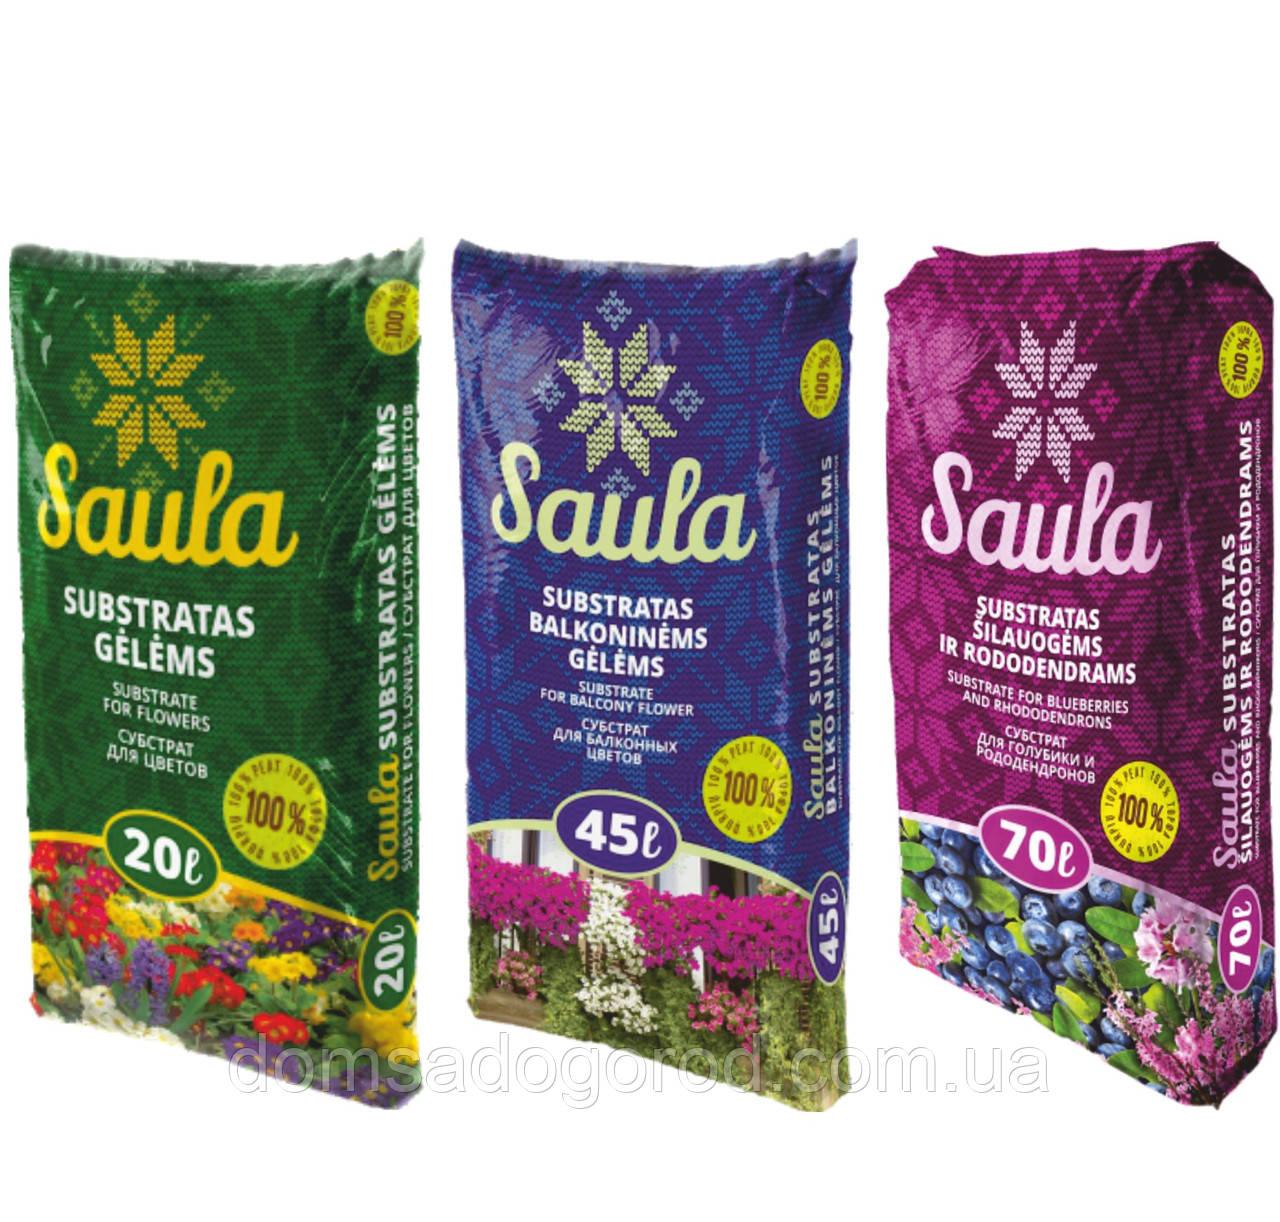 Торфяной субстрат  Saula для цветов 0-20 мм 20 л